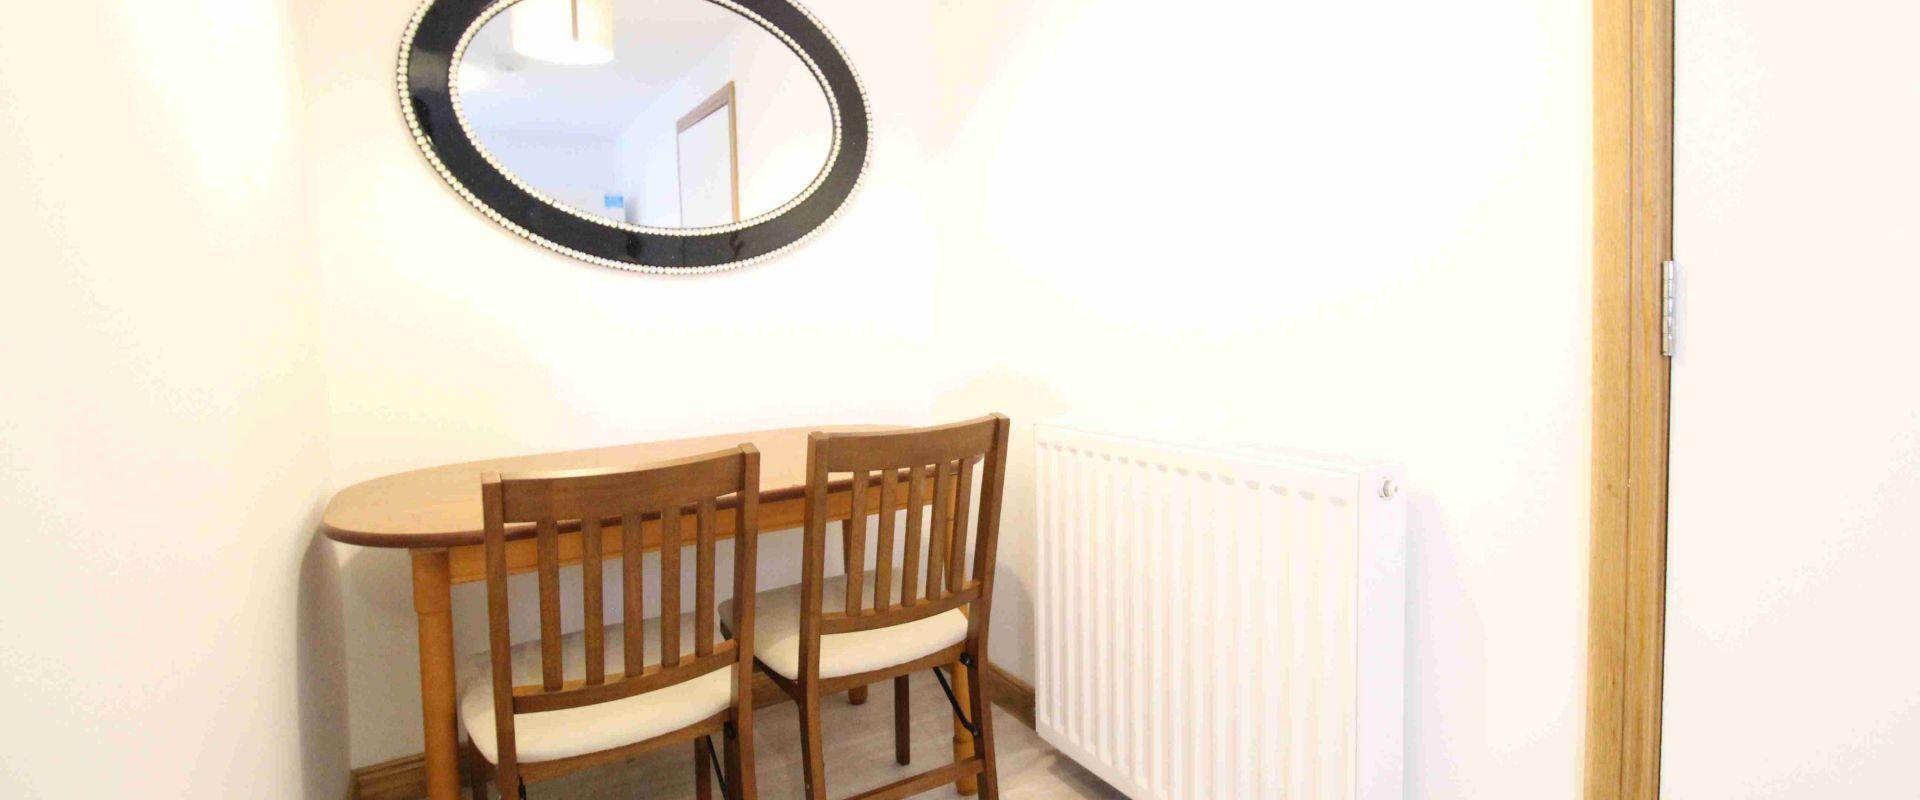 ARD-Properties-Development-Sites-Buy-Homes-Rent-Aberdeenshire-Rentals-Apartment-B-Loanhead-Terrace-Aberdeen-Banner (3)